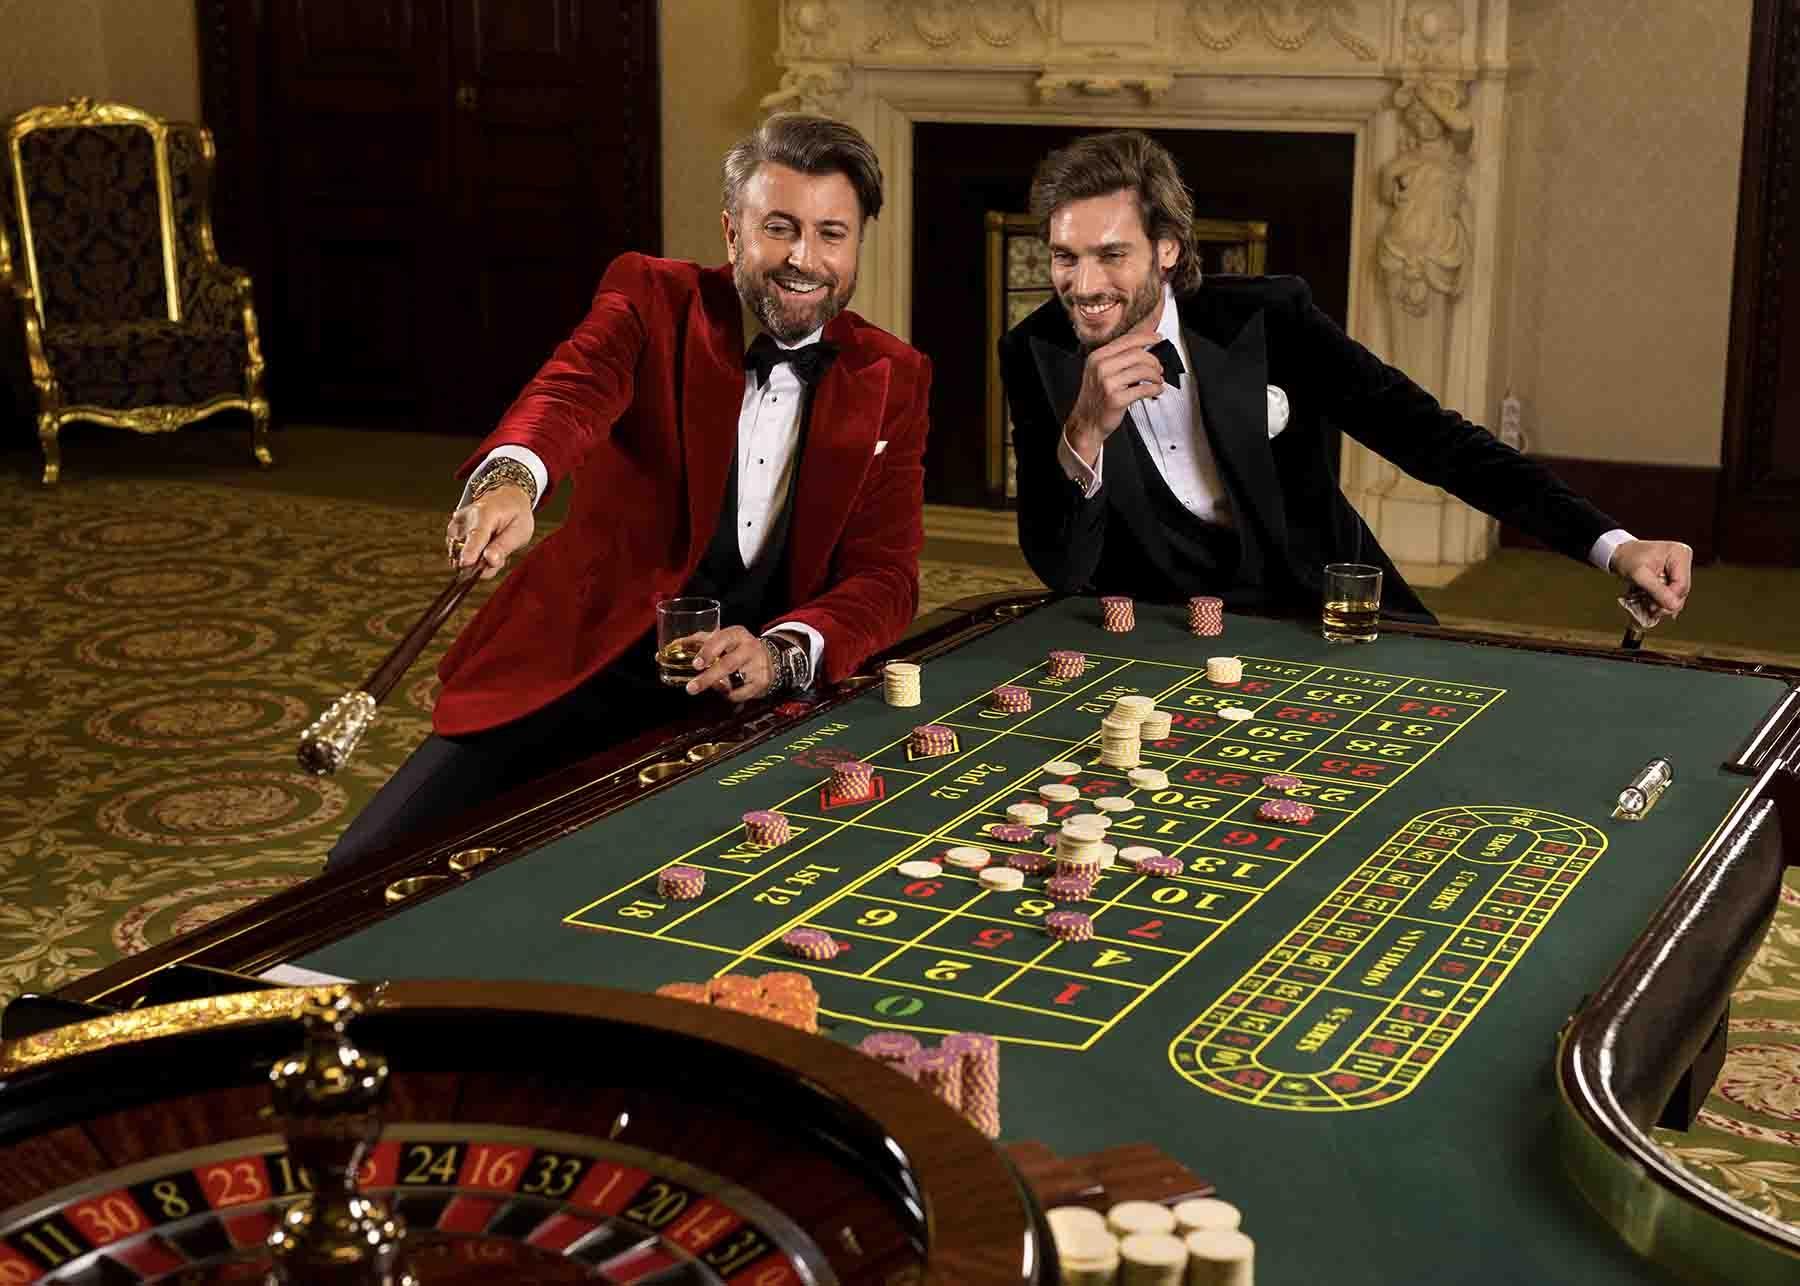 рублях в онлайн казино с минимальными ставками